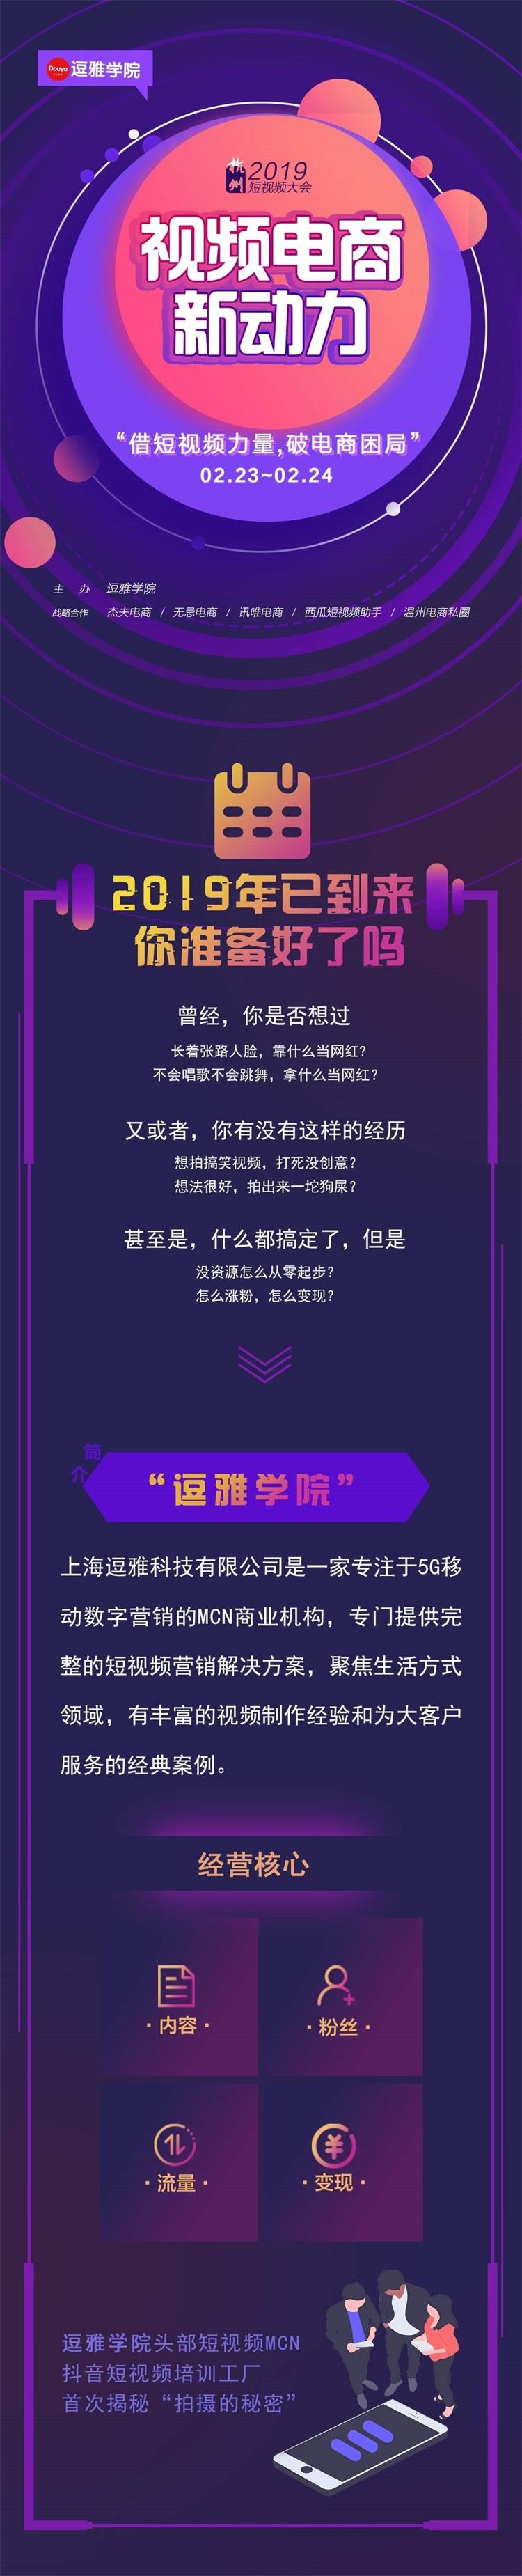 1-19-活动行-杭州-专题页(改版)-1_01.jpg